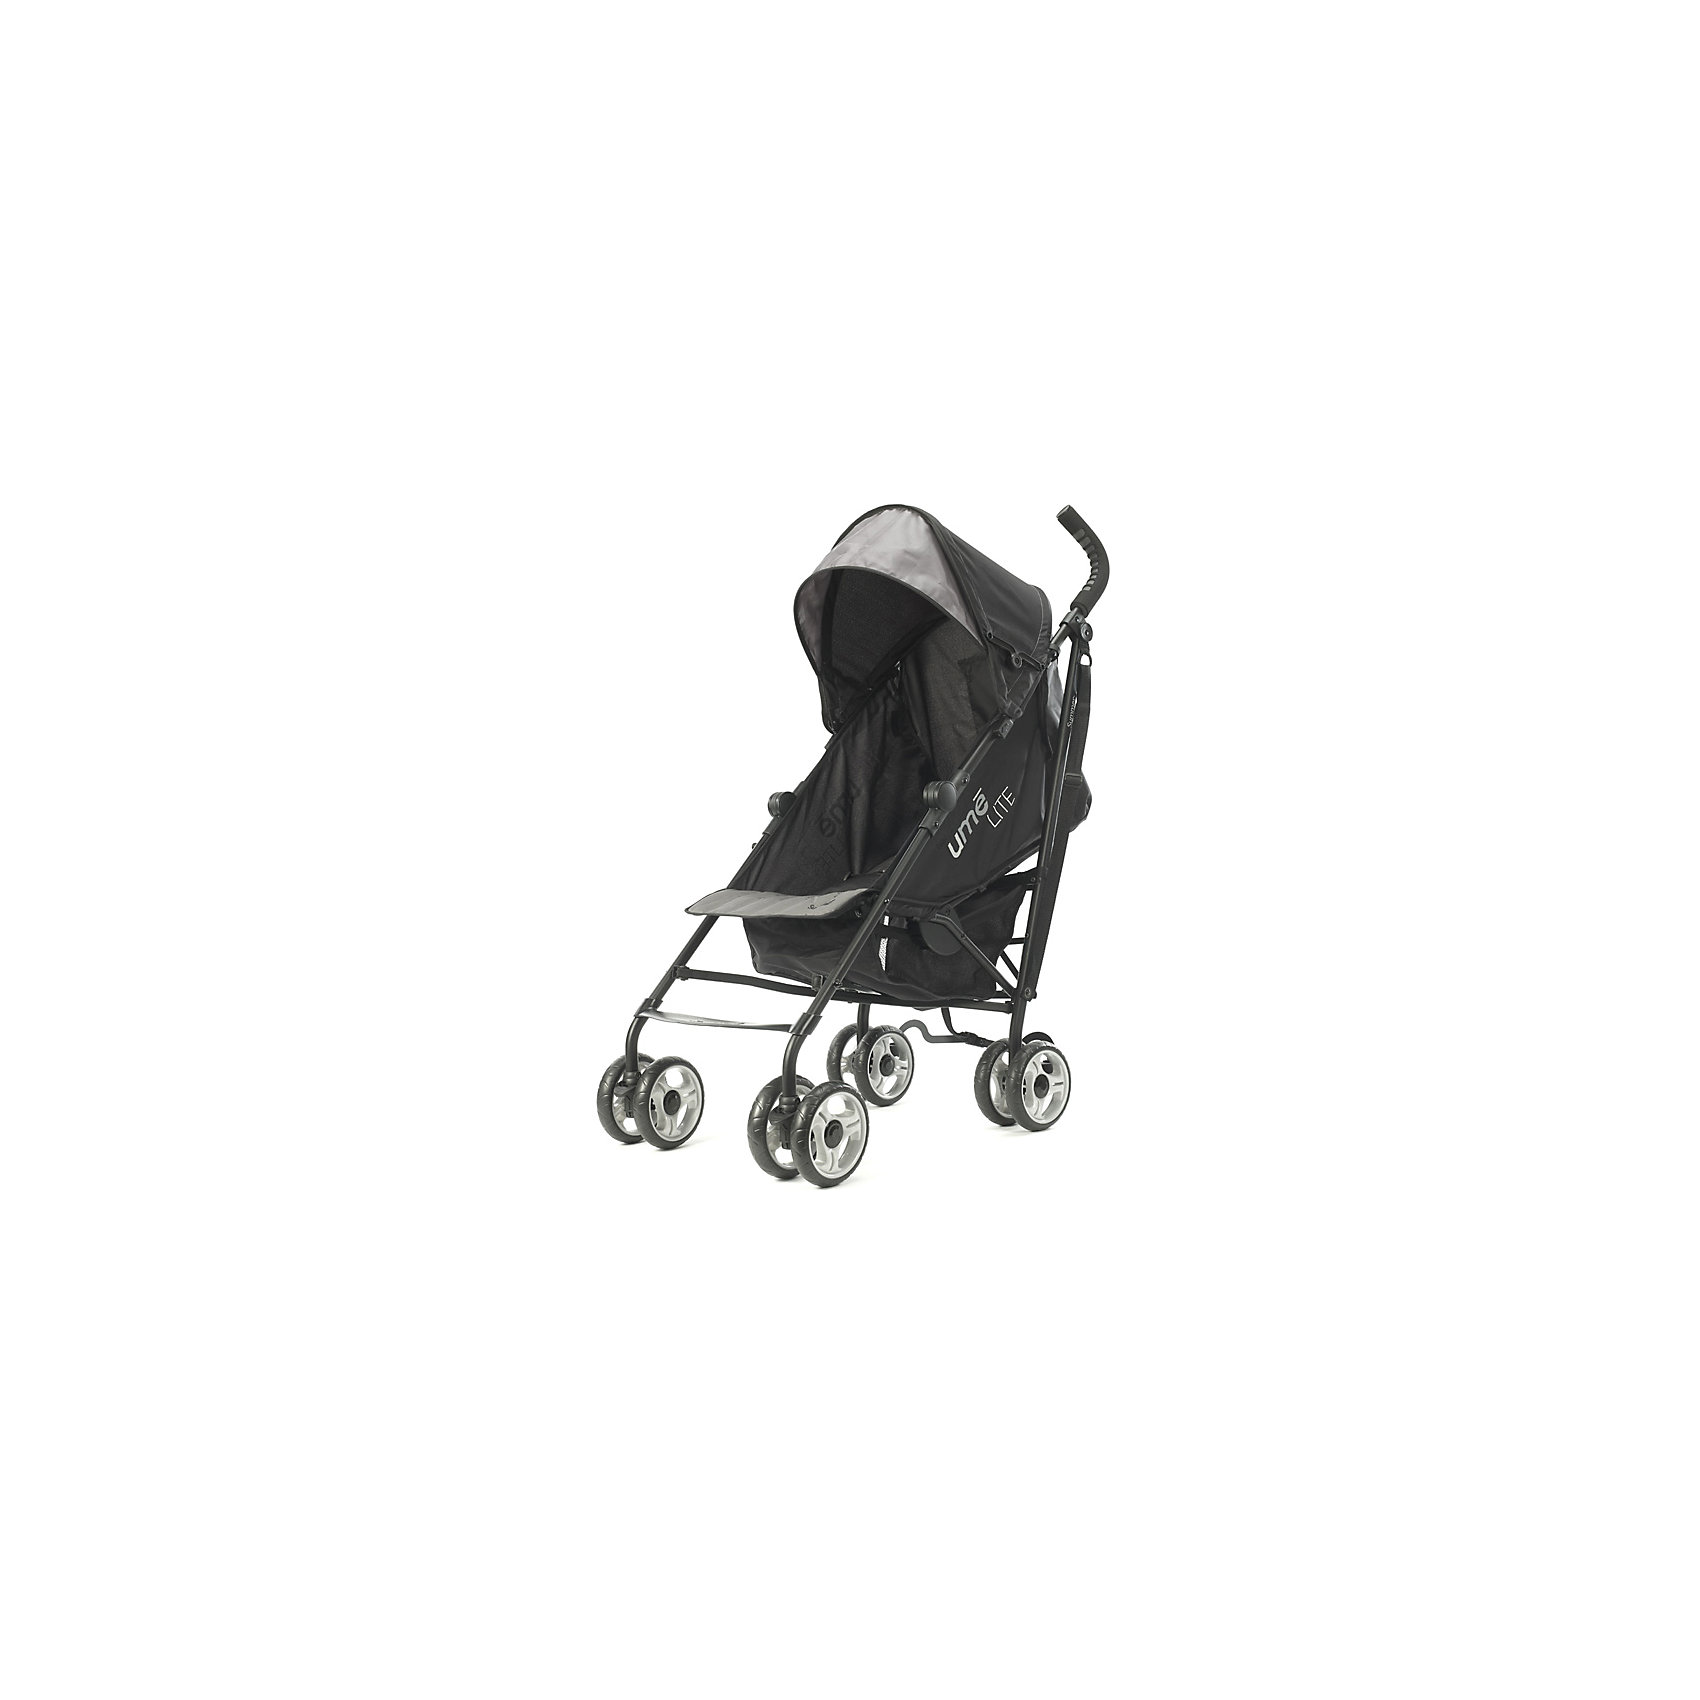 Коляска-трость Ume Lite, Summer Infant, черно-серыйКоляски-трости<br>Характеристики коляски:<br><br>• возраст: от 6 месяцев;<br>• материал: алюминий, пластик, полиэстер;<br>• регулировка наклона спинки в 3 положениях;<br>• регулируемые 5-ти точечные ремни безопасности;<br>• тип колес: все сдвоенные, передние поворотные с фиксацией;<br>• материал колес: резиновые;<br>• тип складывания: трость;<br>• вес коляски: 5,8 кг;<br>• размер упаковки: 104х32,5х24,5 см;<br>• вес упаковки: 7,8 кг;<br>• страна производитель: Китай.<br><br>Комплектация:<br><br>• коляска;<br>• корзина для покупок;<br>• инструкция.<br><br>Коляска-трость Ume Lite Summer Infant черно-серая — легкая и маневренная коляска для летних прогулок по городу, парку и поездок на природу. Спинка сидения наклоняется в 3 положениях, позволяя крохе отдохнуть и поспать на прогулке. Капюшон выполнен из ткани, не пропускающей влагу и защищающей от УФ-лучей. На задней стенке капюшона имеется вместительный карман для мелочей. Благодаря сдвоенным колесам и прочной раме коляска отличается хорошей устойчивостью и не опрокидывается. В сложенном виде удобно переносить коляску при помощи регулируемого ремешка.<br><br>Коляску-трость Ume Lite Summer Infant черно-серую можно приобрести в нашем интернет-магазине.<br><br>Ширина мм: 1040<br>Глубина мм: 325<br>Высота мм: 245<br>Вес г: 7800<br>Возраст от месяцев: 6<br>Возраст до месяцев: 36<br>Пол: Унисекс<br>Возраст: Детский<br>SKU: 5589112